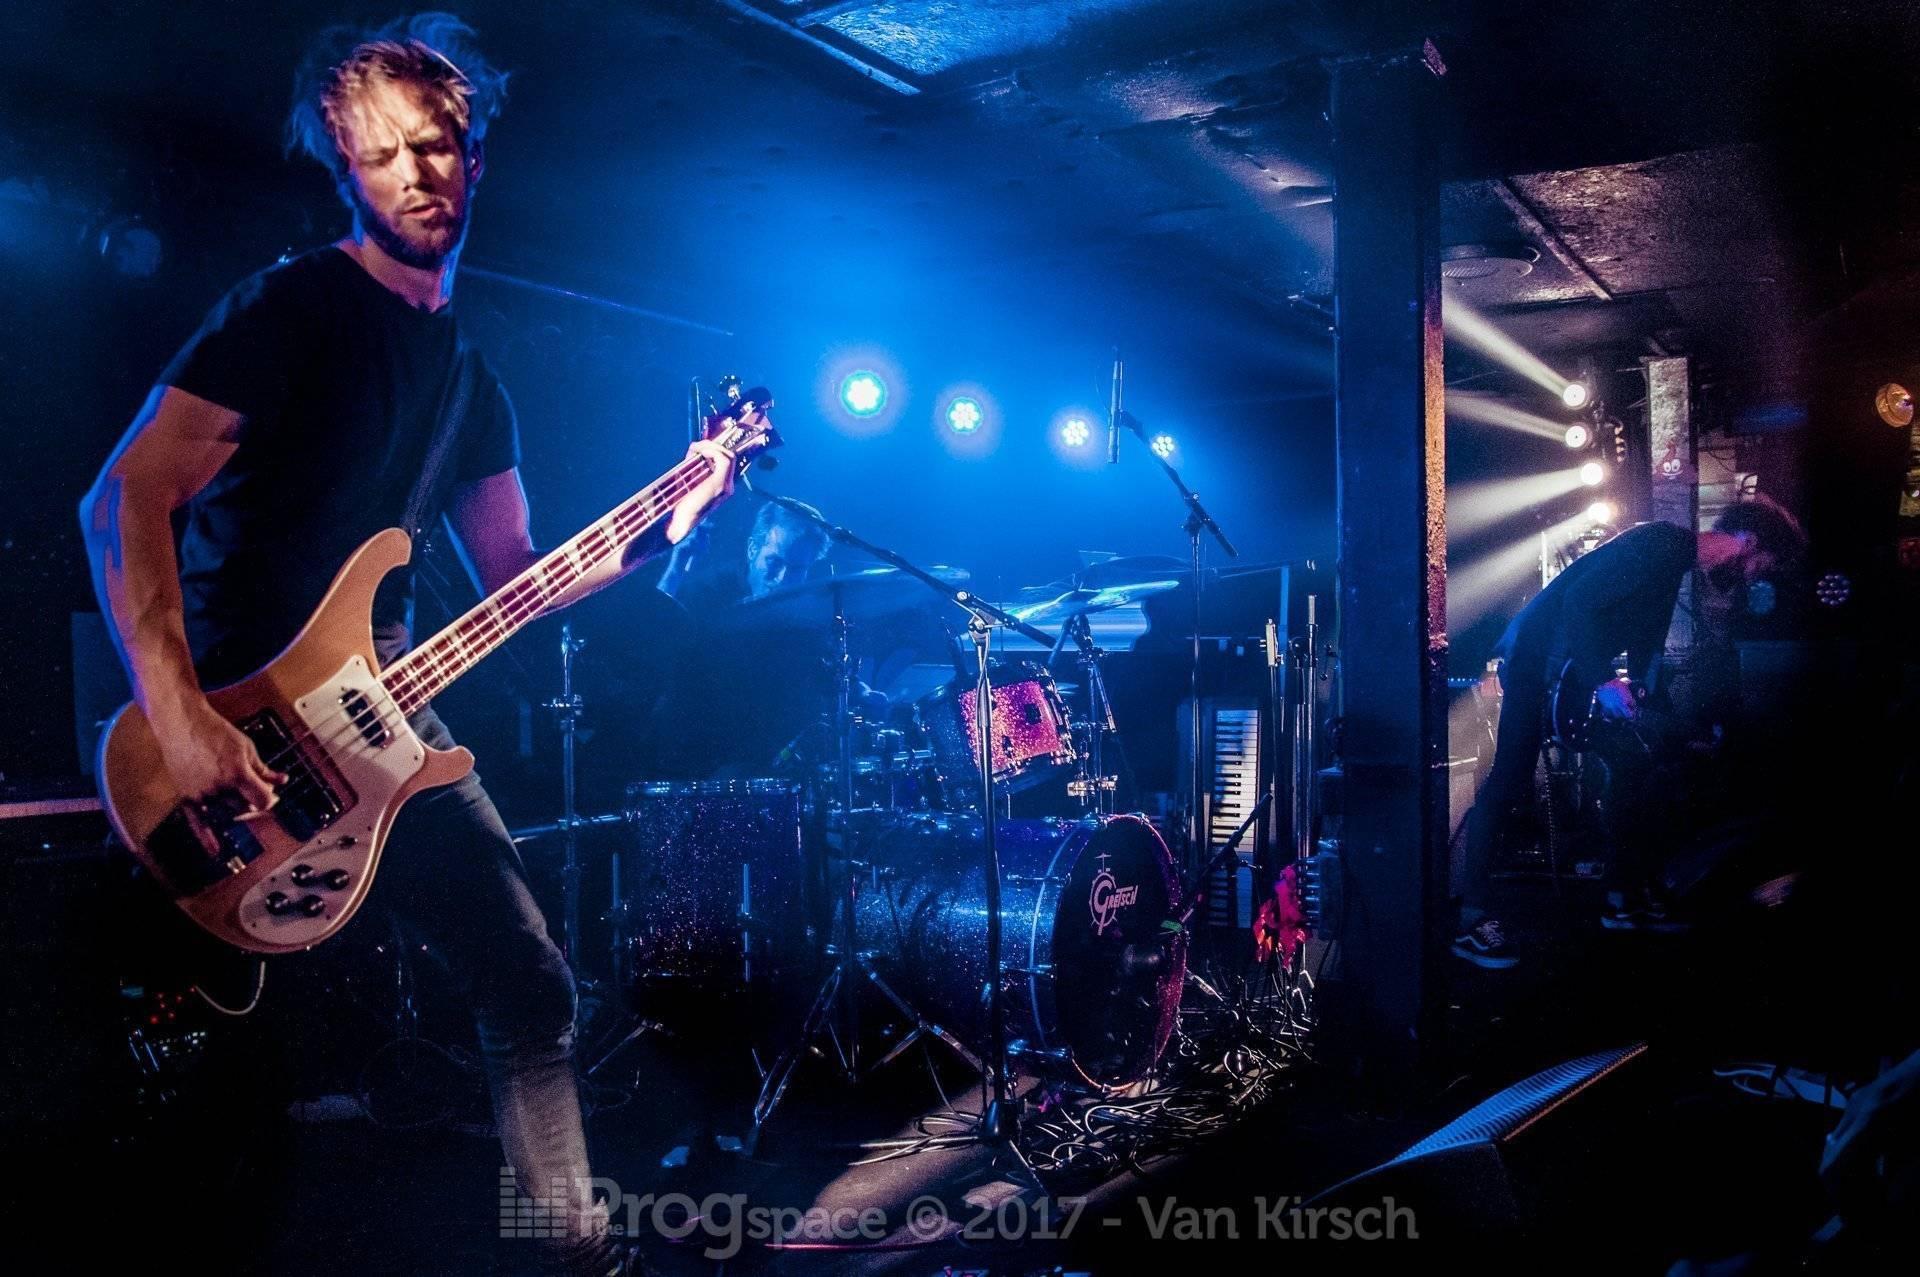 Astrosaur live in Hamburg, 29 October 2017